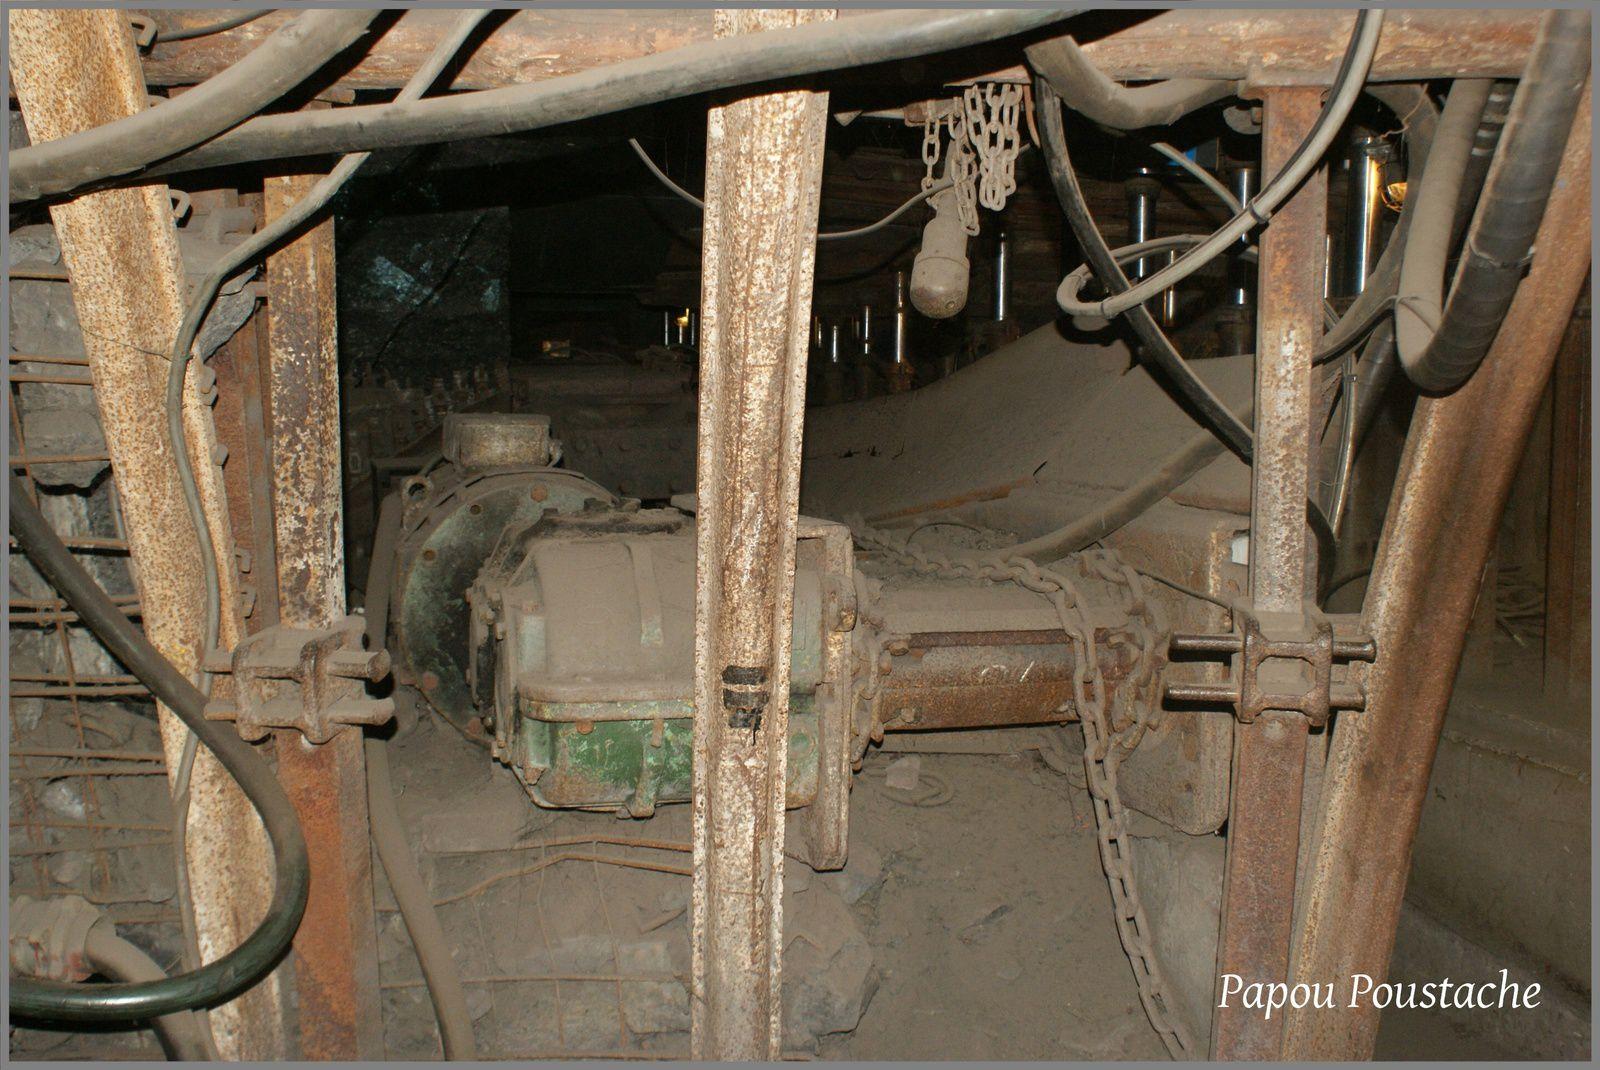 Une mine dans les années 1970